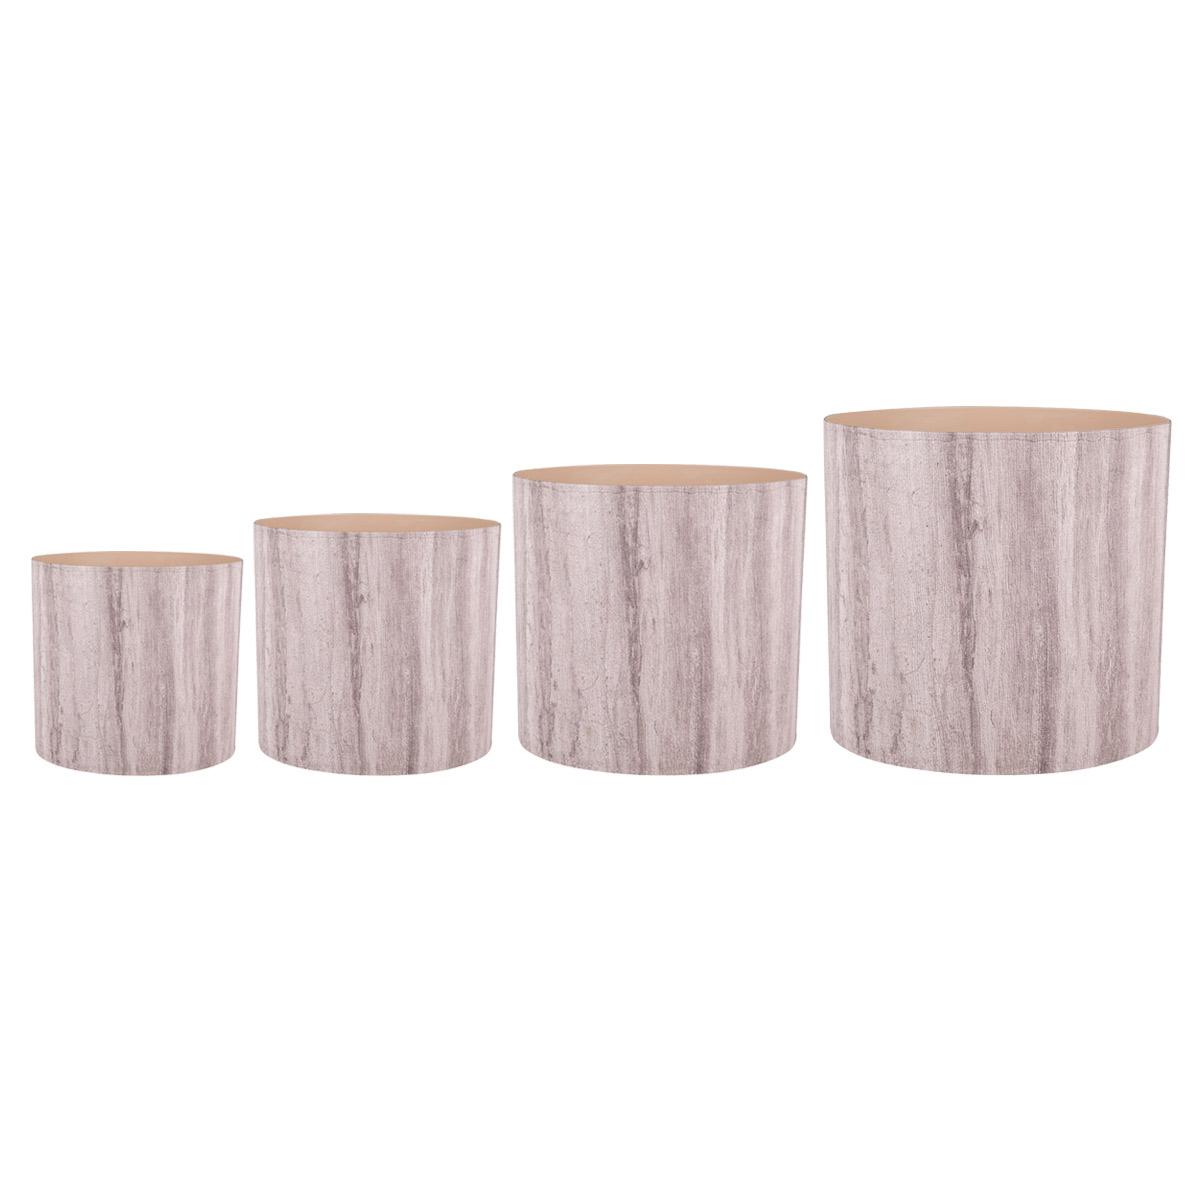 Набор горшков для цветов Miolla Бежевый ламинат, со скрытым поддоном, 4 предметаZ-0307Набор Miolla Бежевый ламинат состоит из 4 горшков со скрытыми поддонами. Горшкивыполнены из пластика. Изделия предназначены для цветов. Изделия оснащены специальными скрытыми поддонами.Диаметр горшков: 20,5 см, 16,5 см, 13,5 см, 11,5 см.Высота горшков (с учетом поддона): 19 см, 16 см, 13,5 см, 11,5 см.Объем горшков: 1 л, 1,7 л, 2,8 л, 5,1 л.